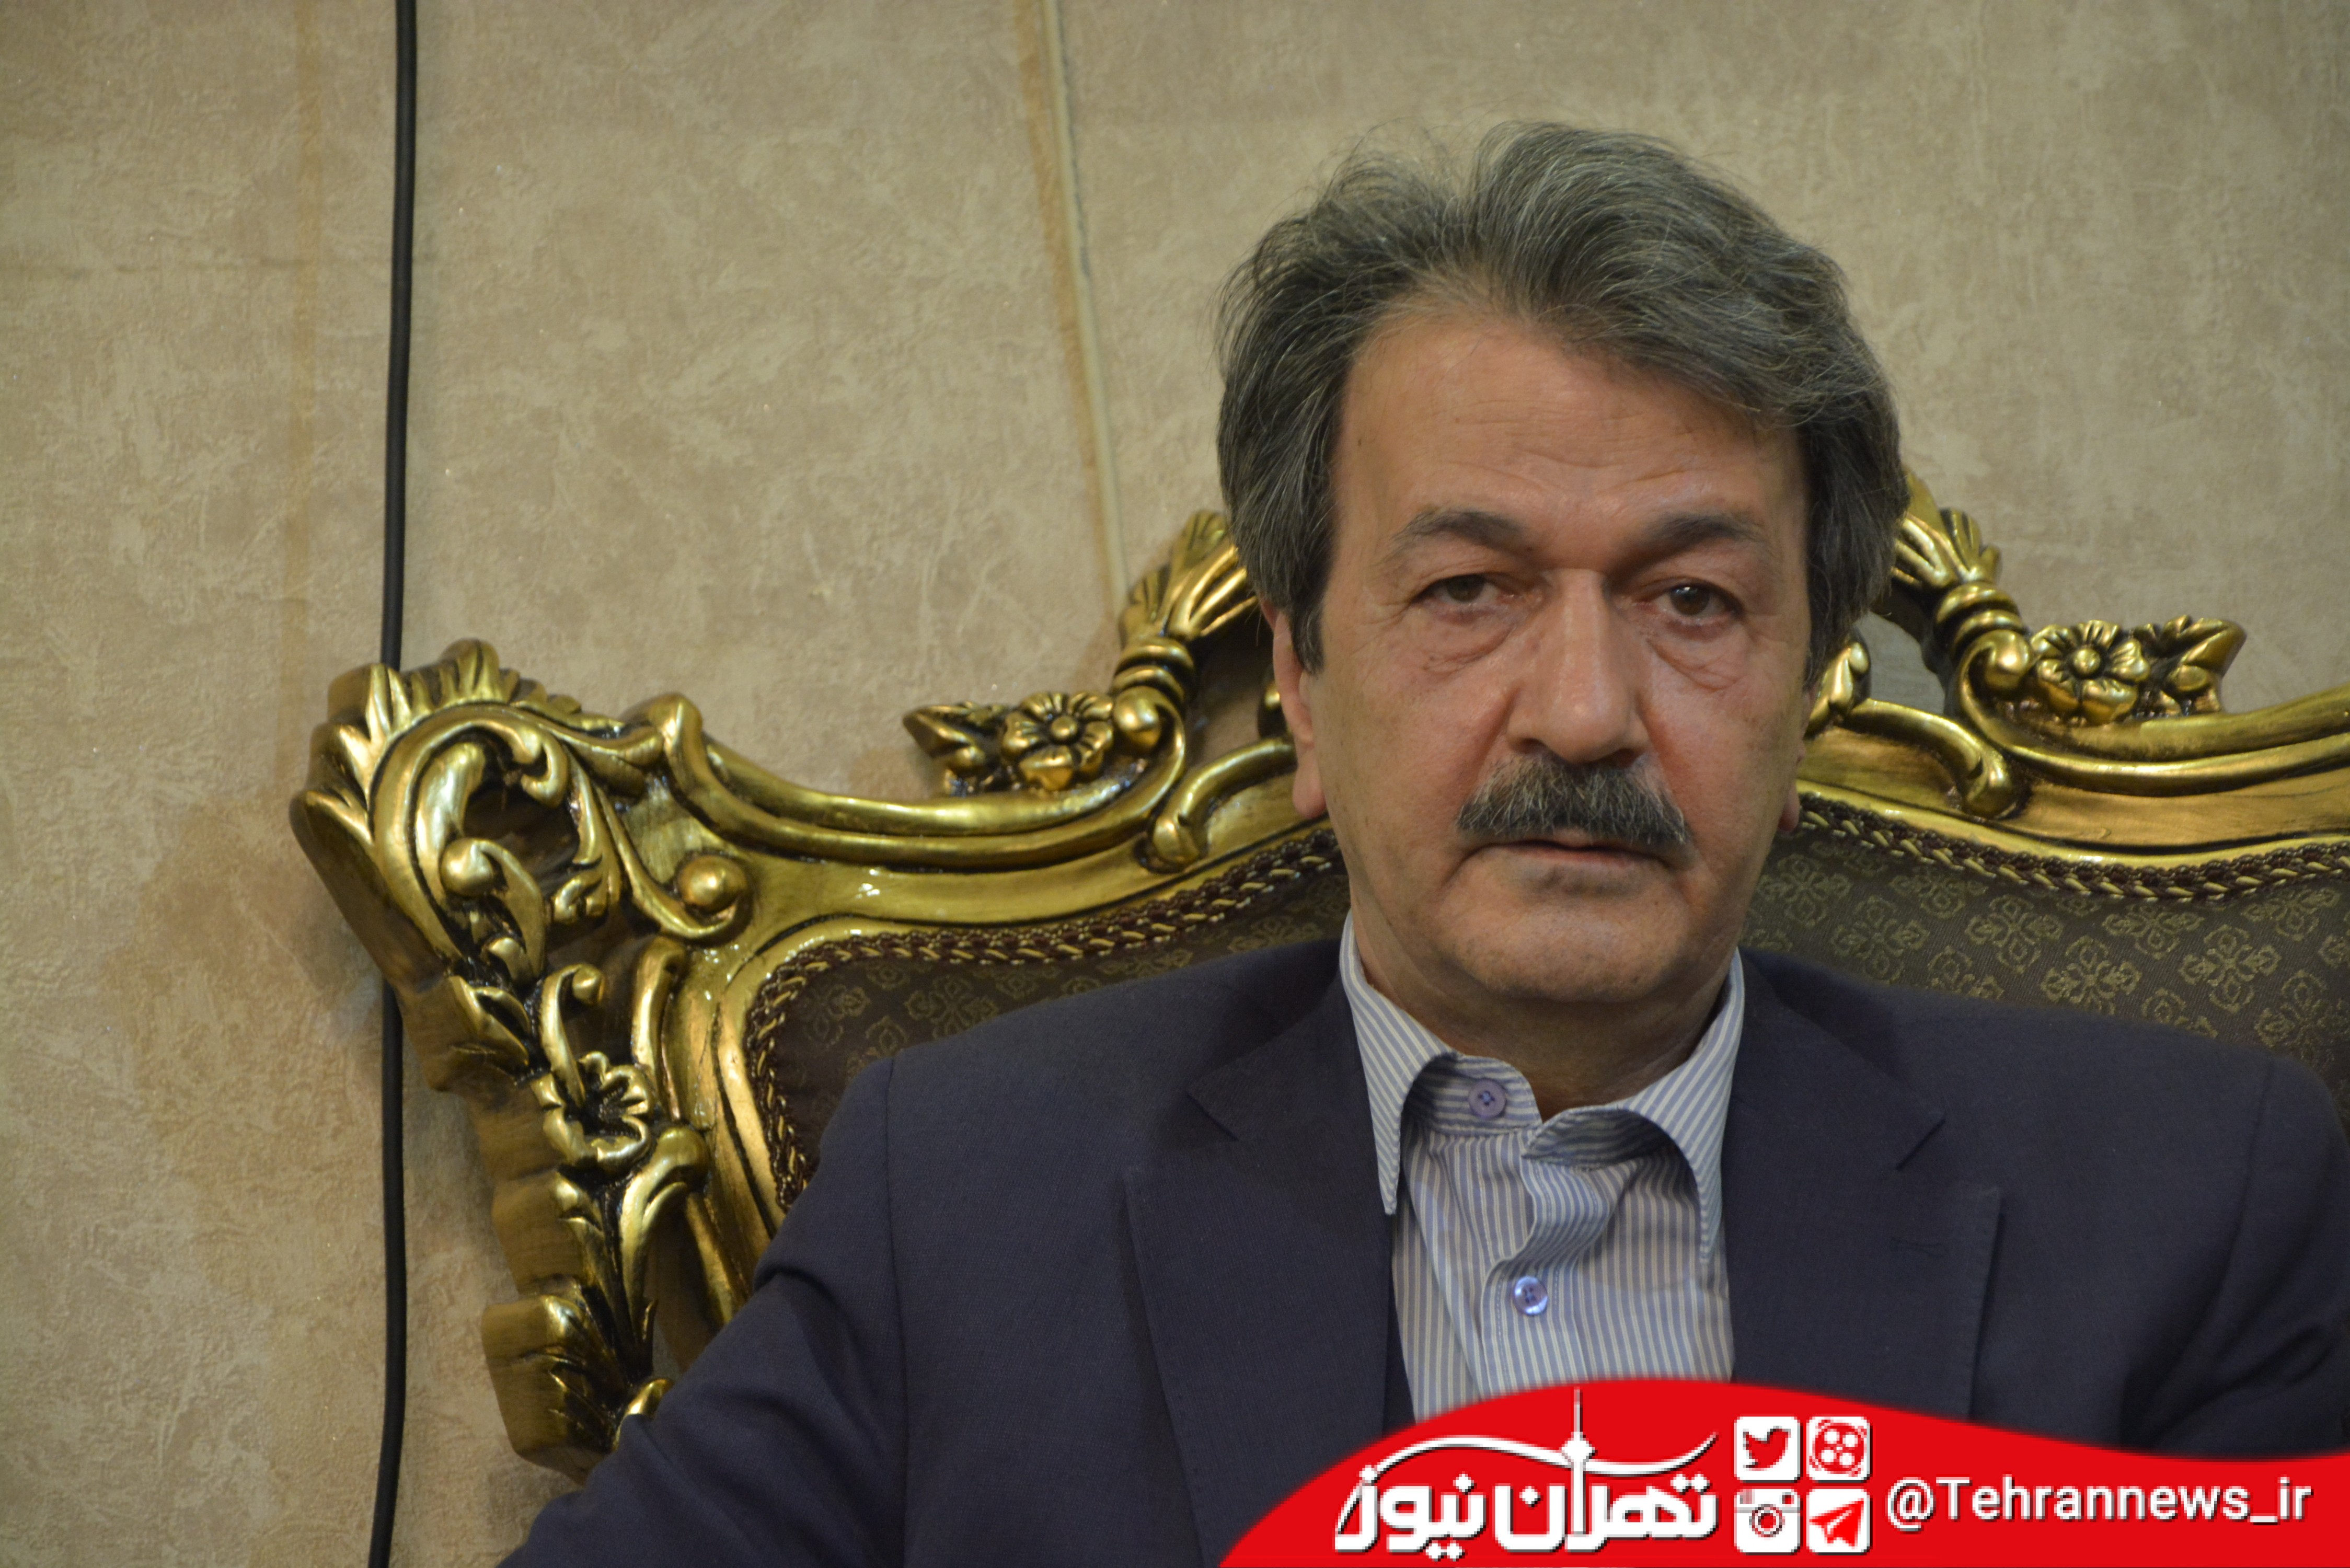 تیغ سانسور بر پیکر سریال امام علی(ع)+ قسمت حذف شده